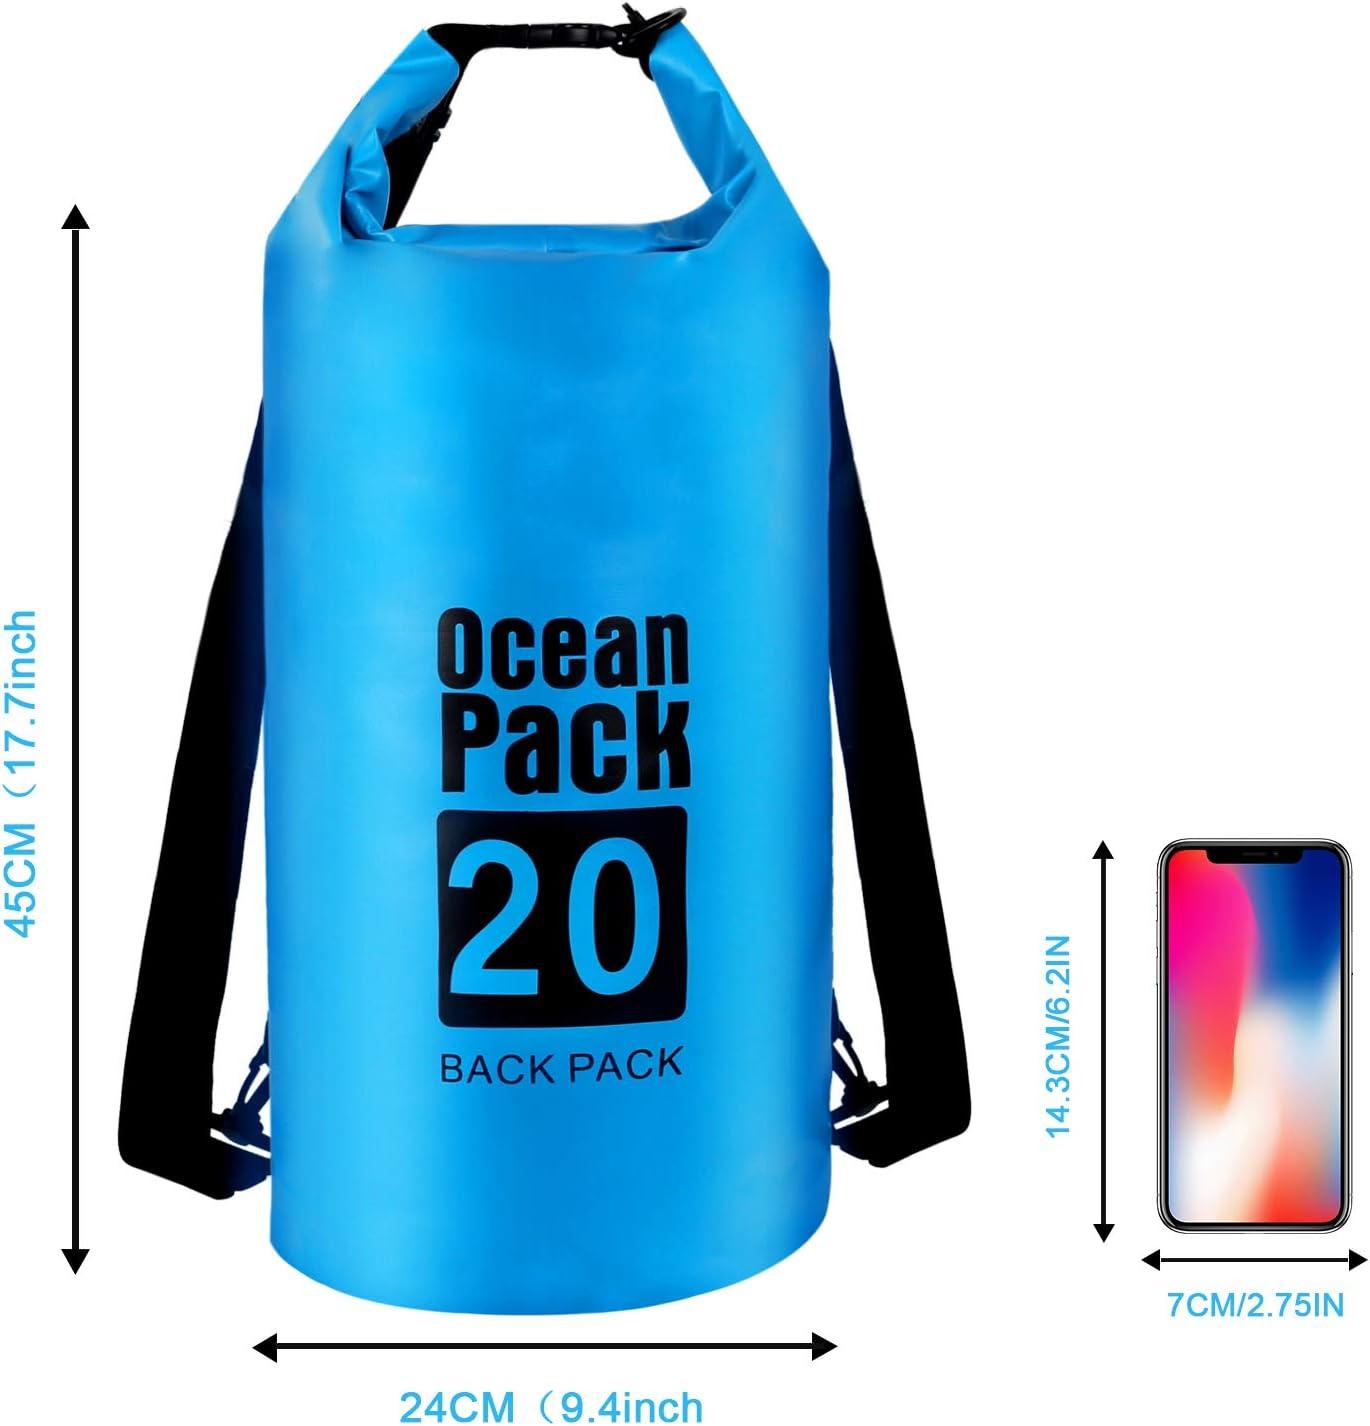 OOTO Waterproof Dry Bags 20L Premium WaterProof Dry Bag//Sack Waterproof Bag with Long Adjustable Strap Waterproof Dry Bags Perfect for Kayaking//Boating//Rafting//Camping//Snowboarding//Swimming